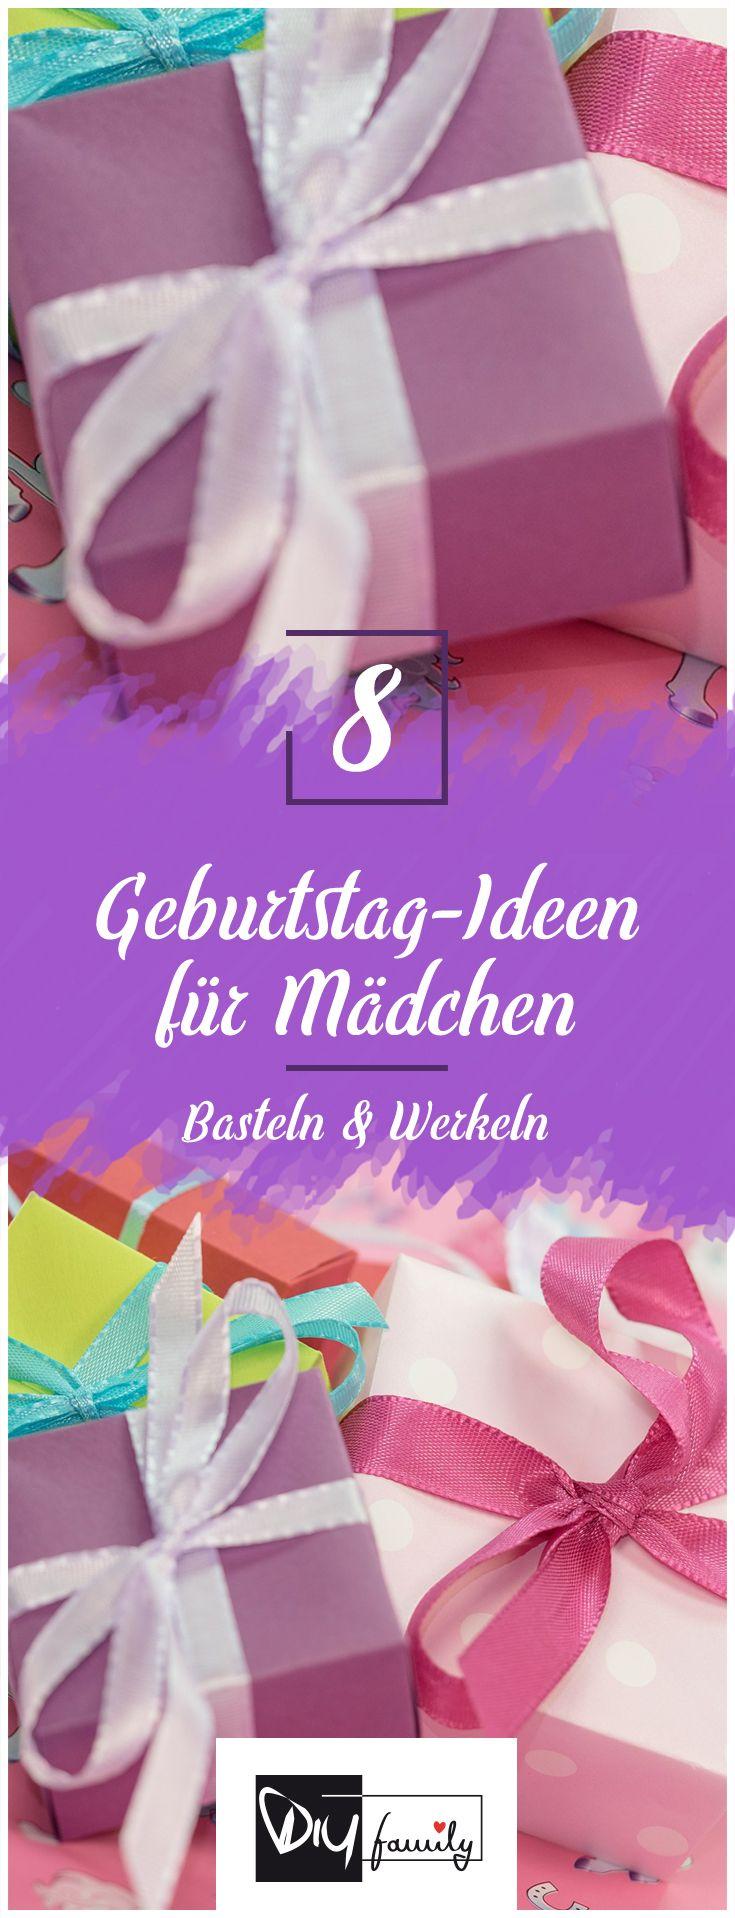 Kindergeburtstag für Mädchen - Die 8 schönsten Ideen  #girl, #birthday, #fun, #party, #present